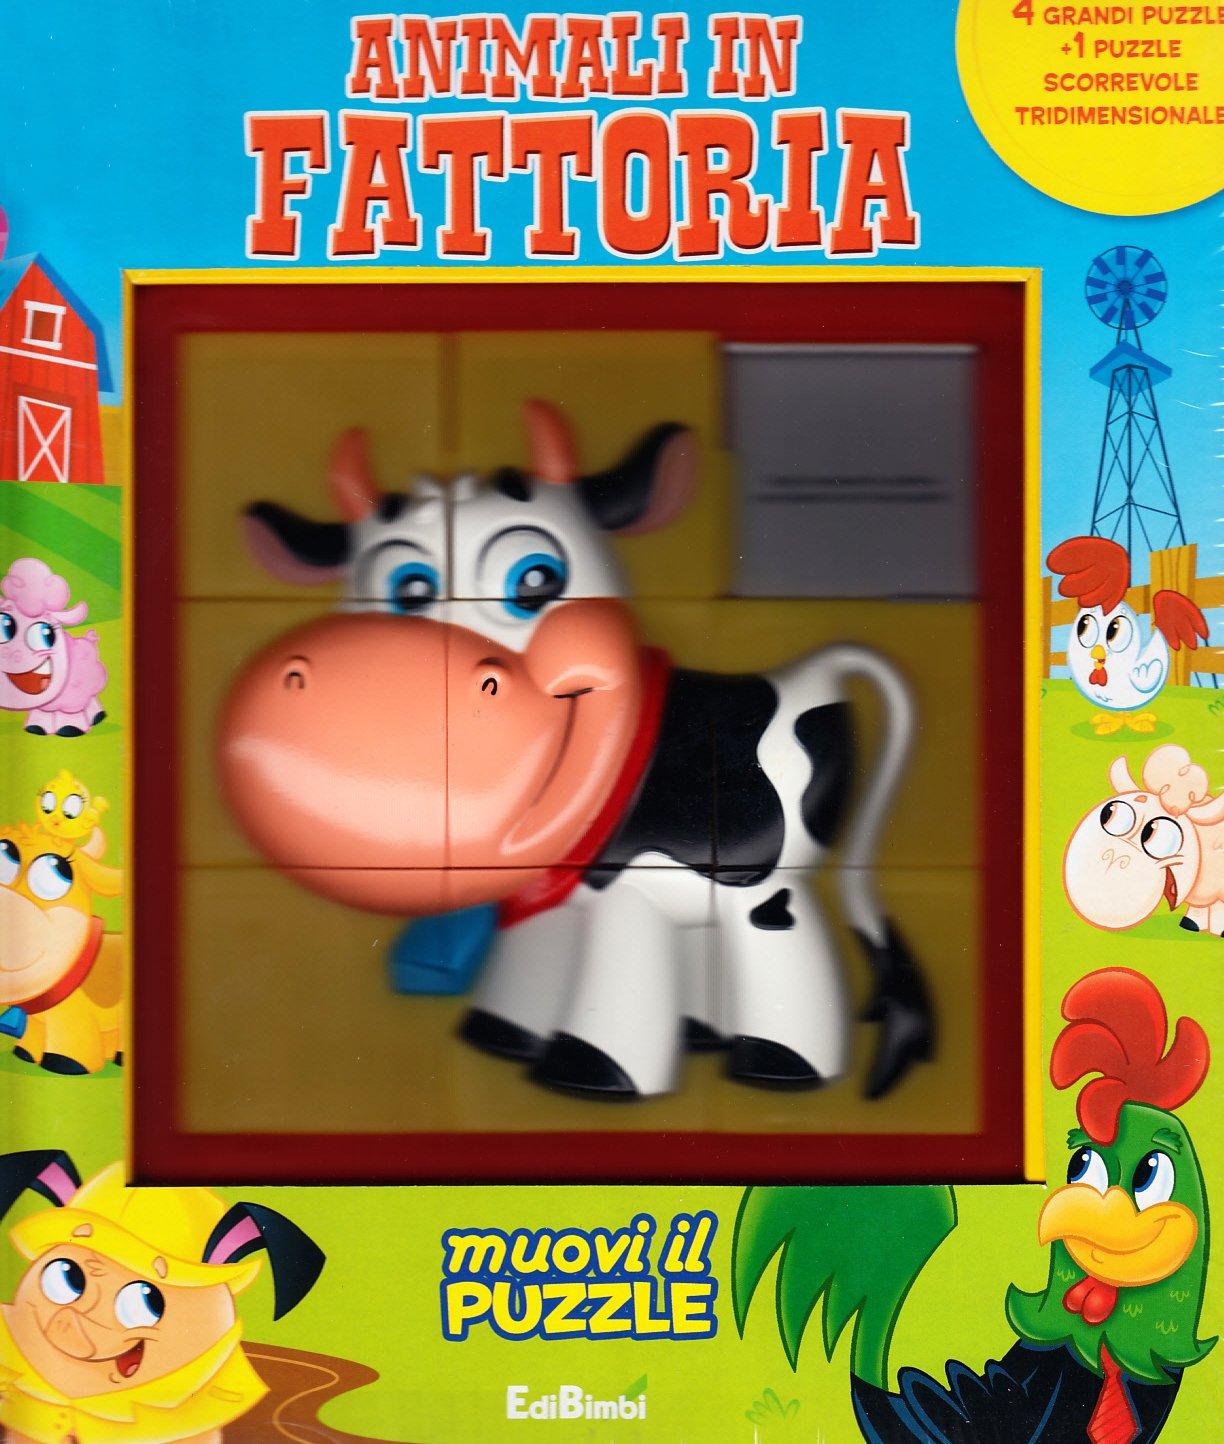 Animali in fattoria. Libro puzzle Copertina rigida – 1 gen 2010 Edibimbi 8855606190 LETTERATURA PER RAGAZZI Libri puzzle